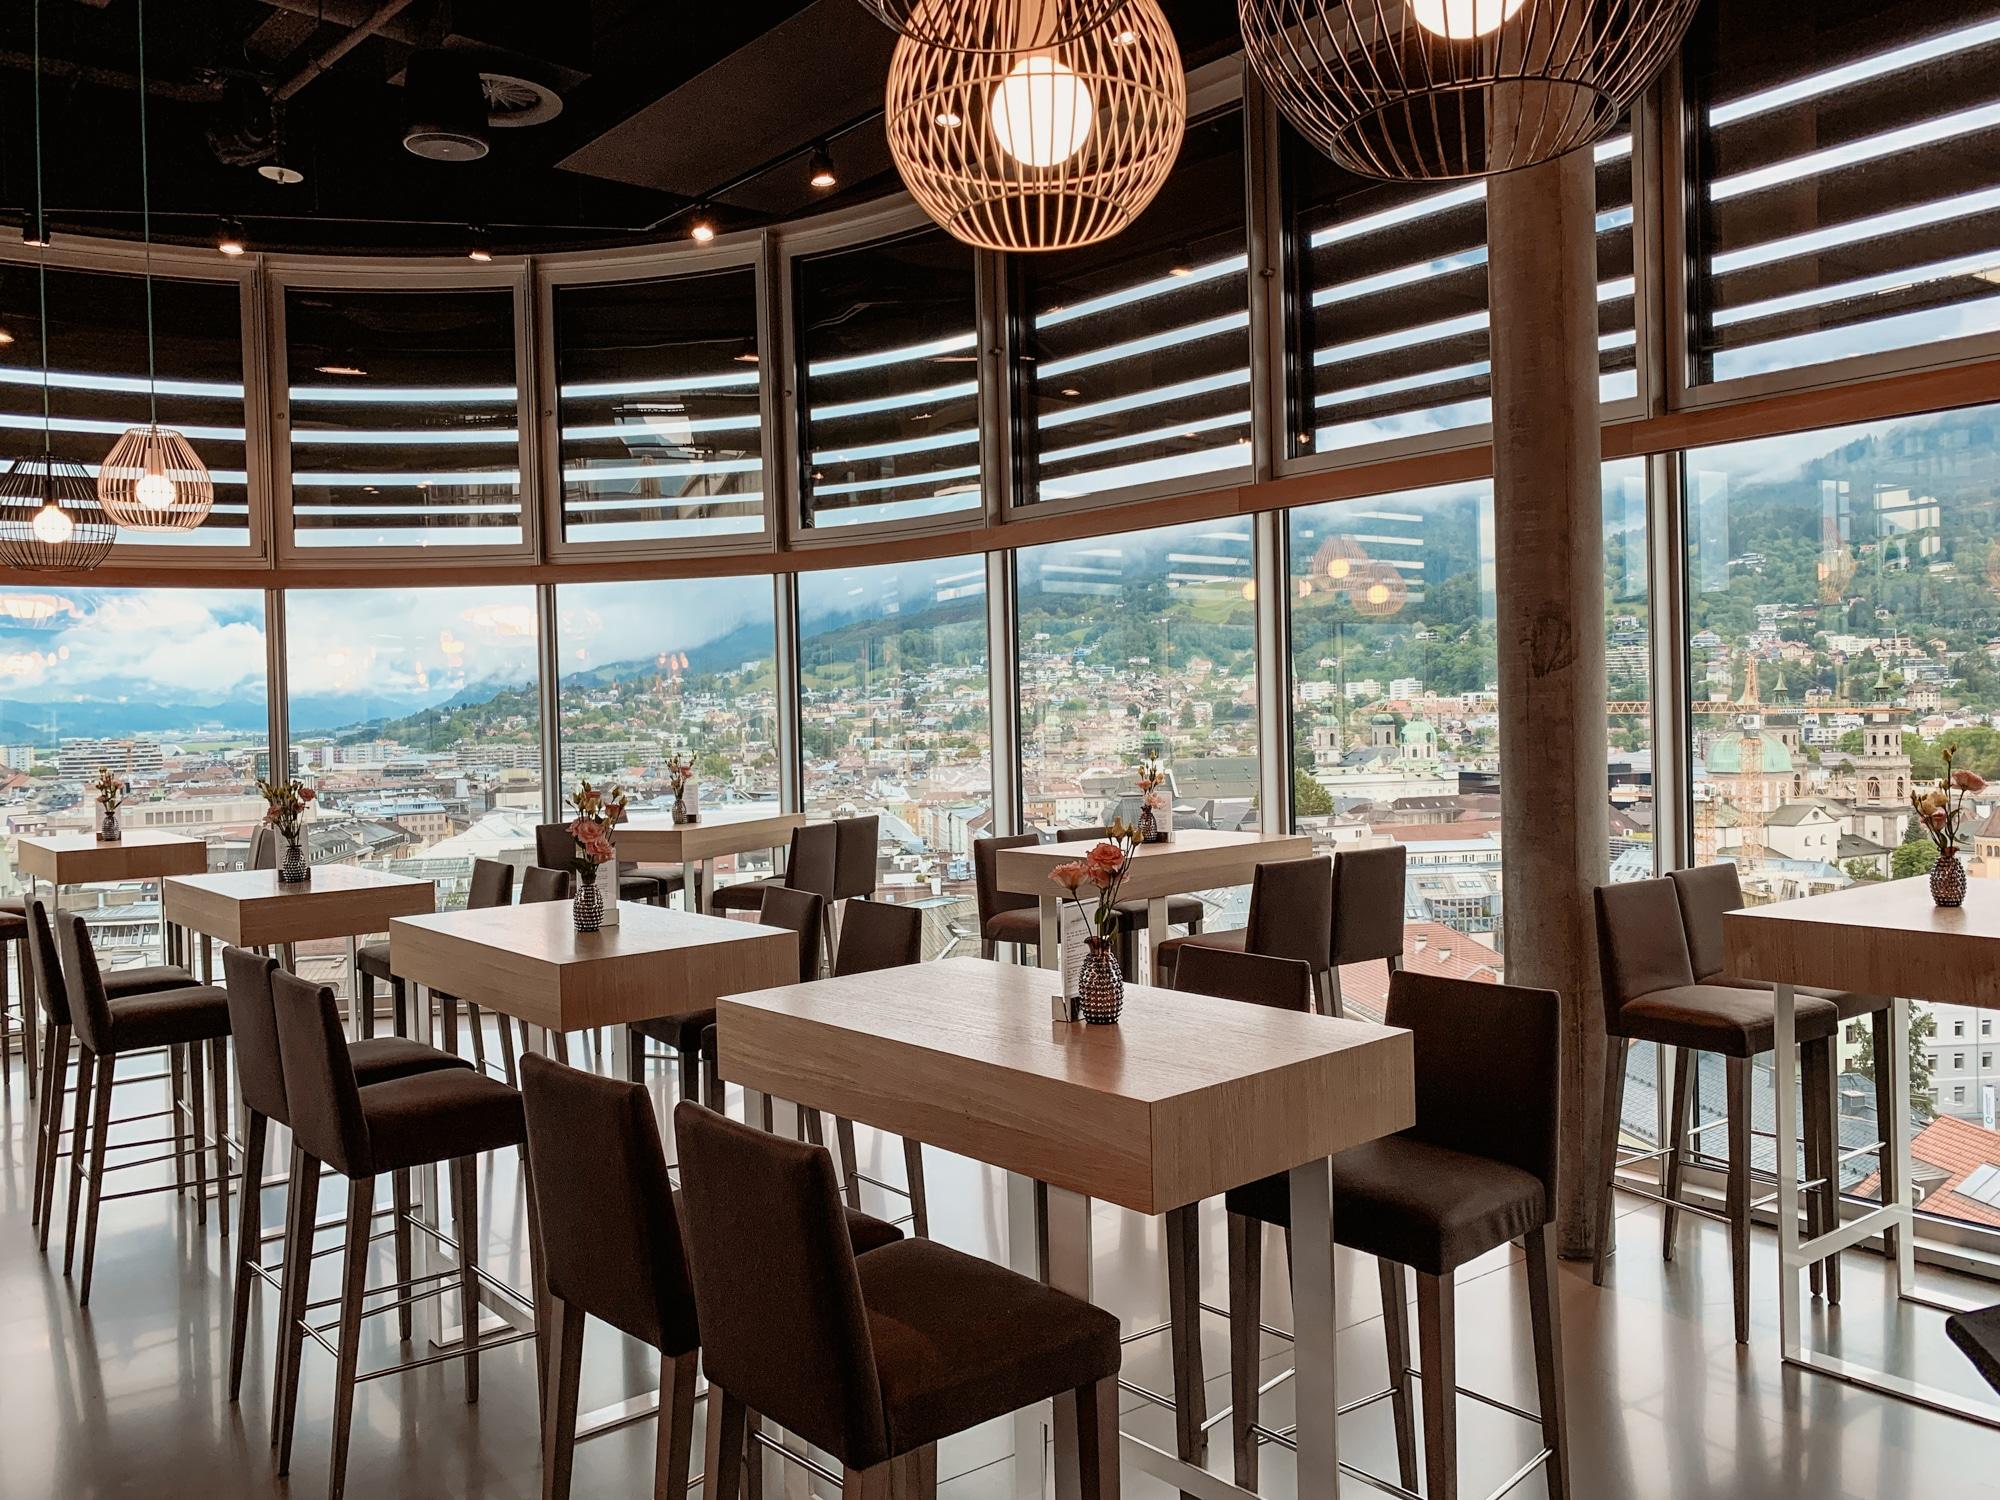 Innsbruck Sehenswürdigkeiten: Top Ten Highlights und Tipps für die Stadt - Adlers Hotel Restaurant Bar Weitsicht